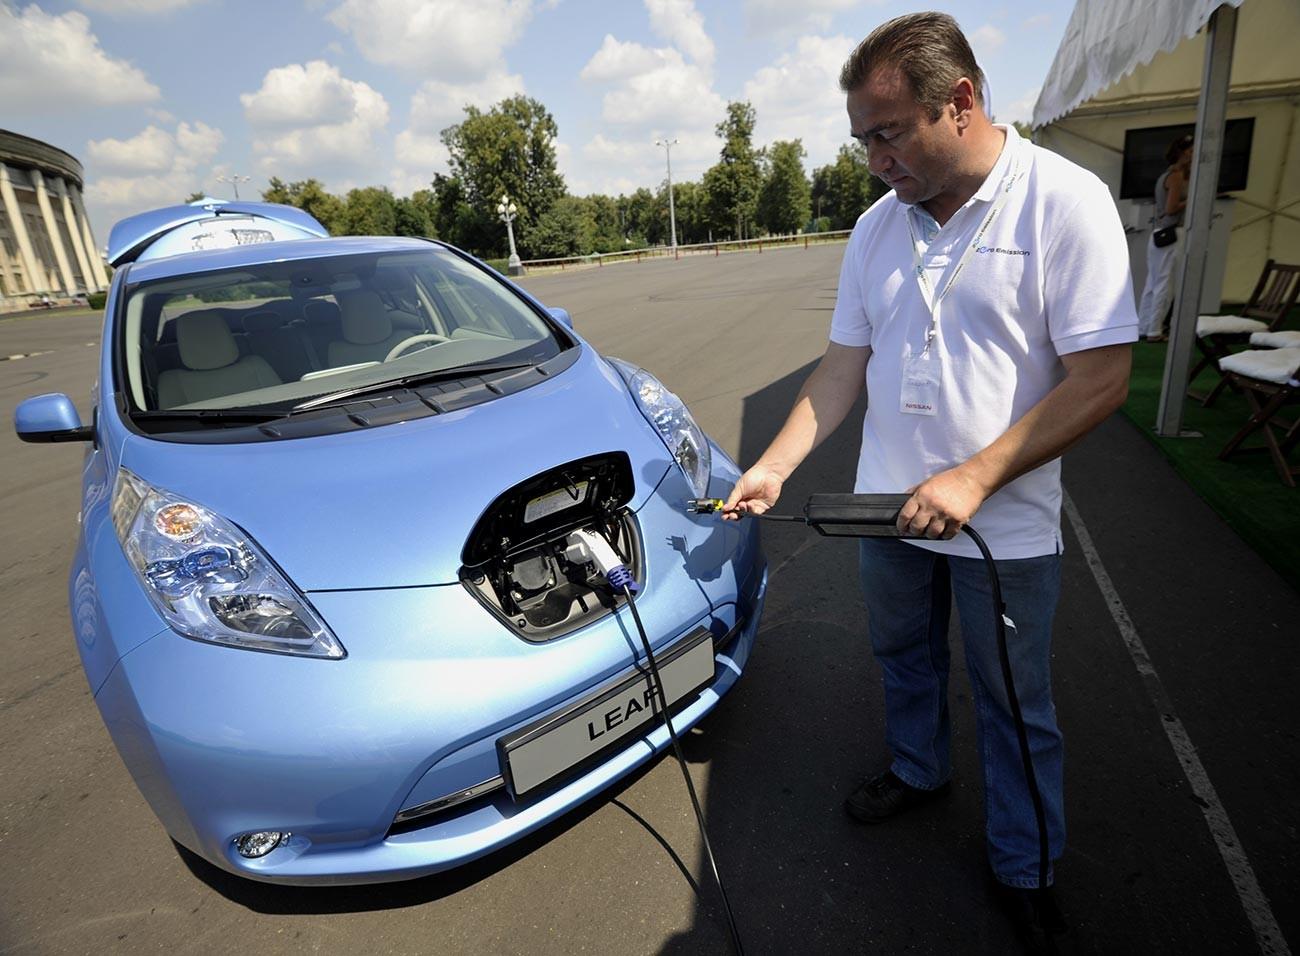 Ruska prezentacija električnog automobila Nissan Leaf održana je u Moskvi.